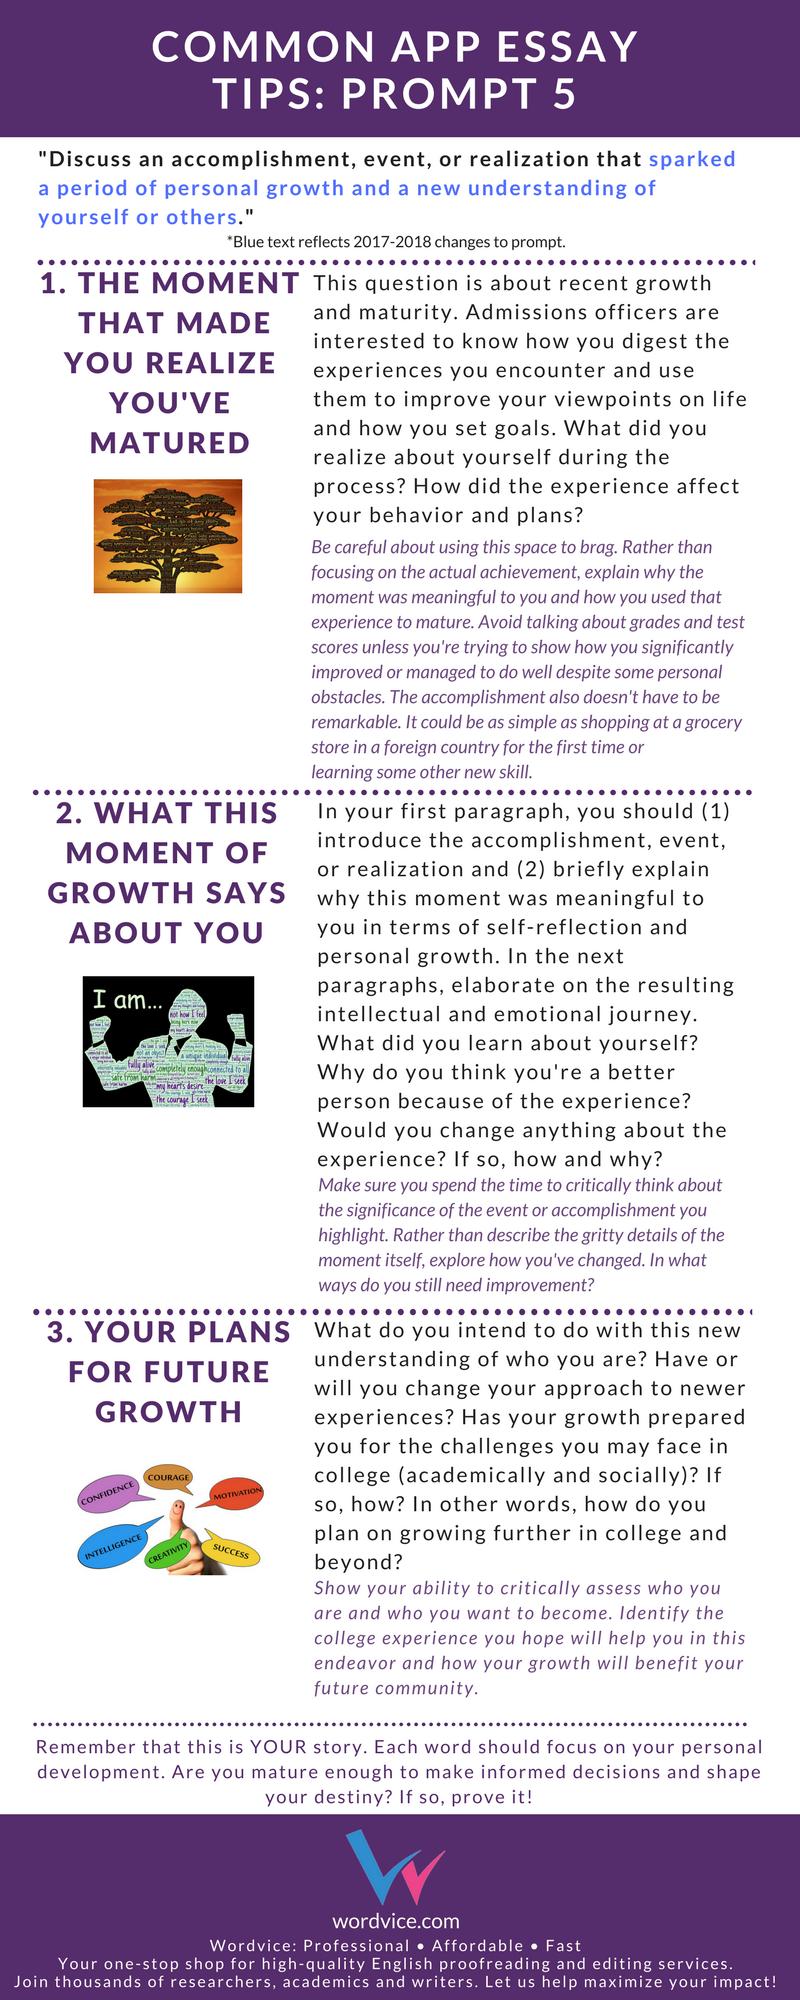 017 Common App Brainstormprompt Essay Prompt Unusual Examples 6 1 Sample Full